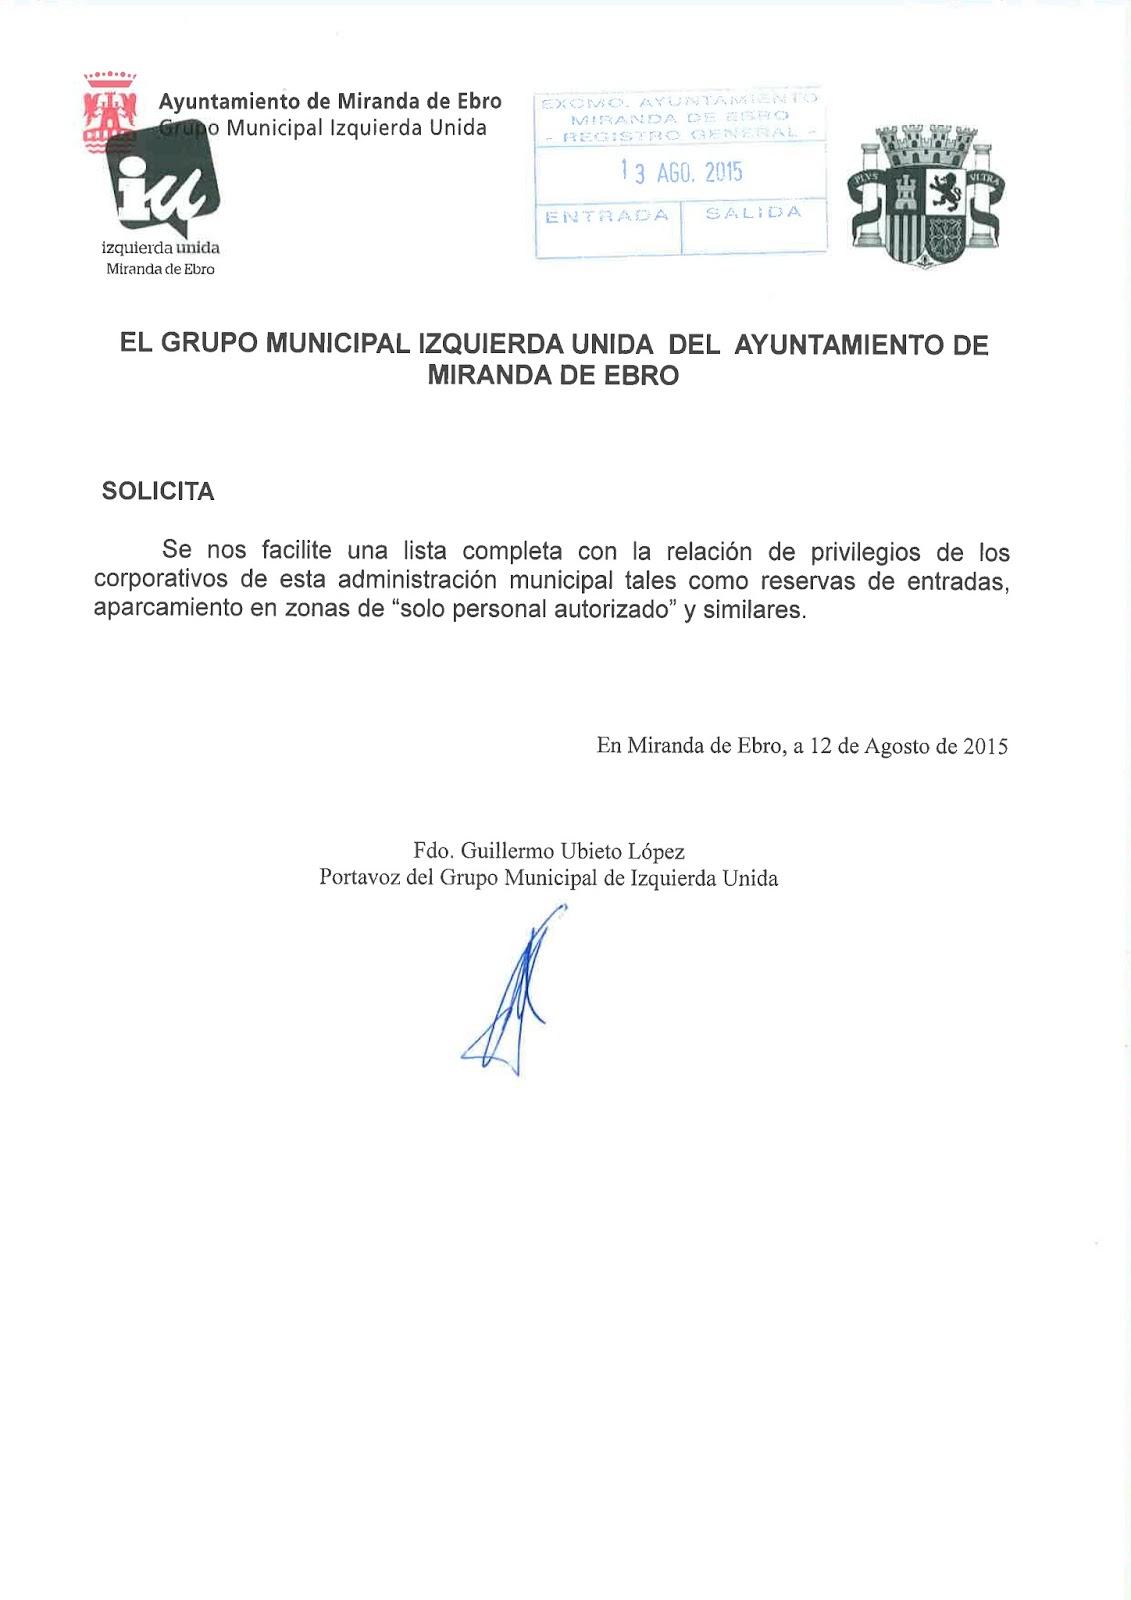 RENUNCIA A PRIVILEGIOS DE APARCAMIENTO Y SOLICITUD DE PRIVILEGIOS ...